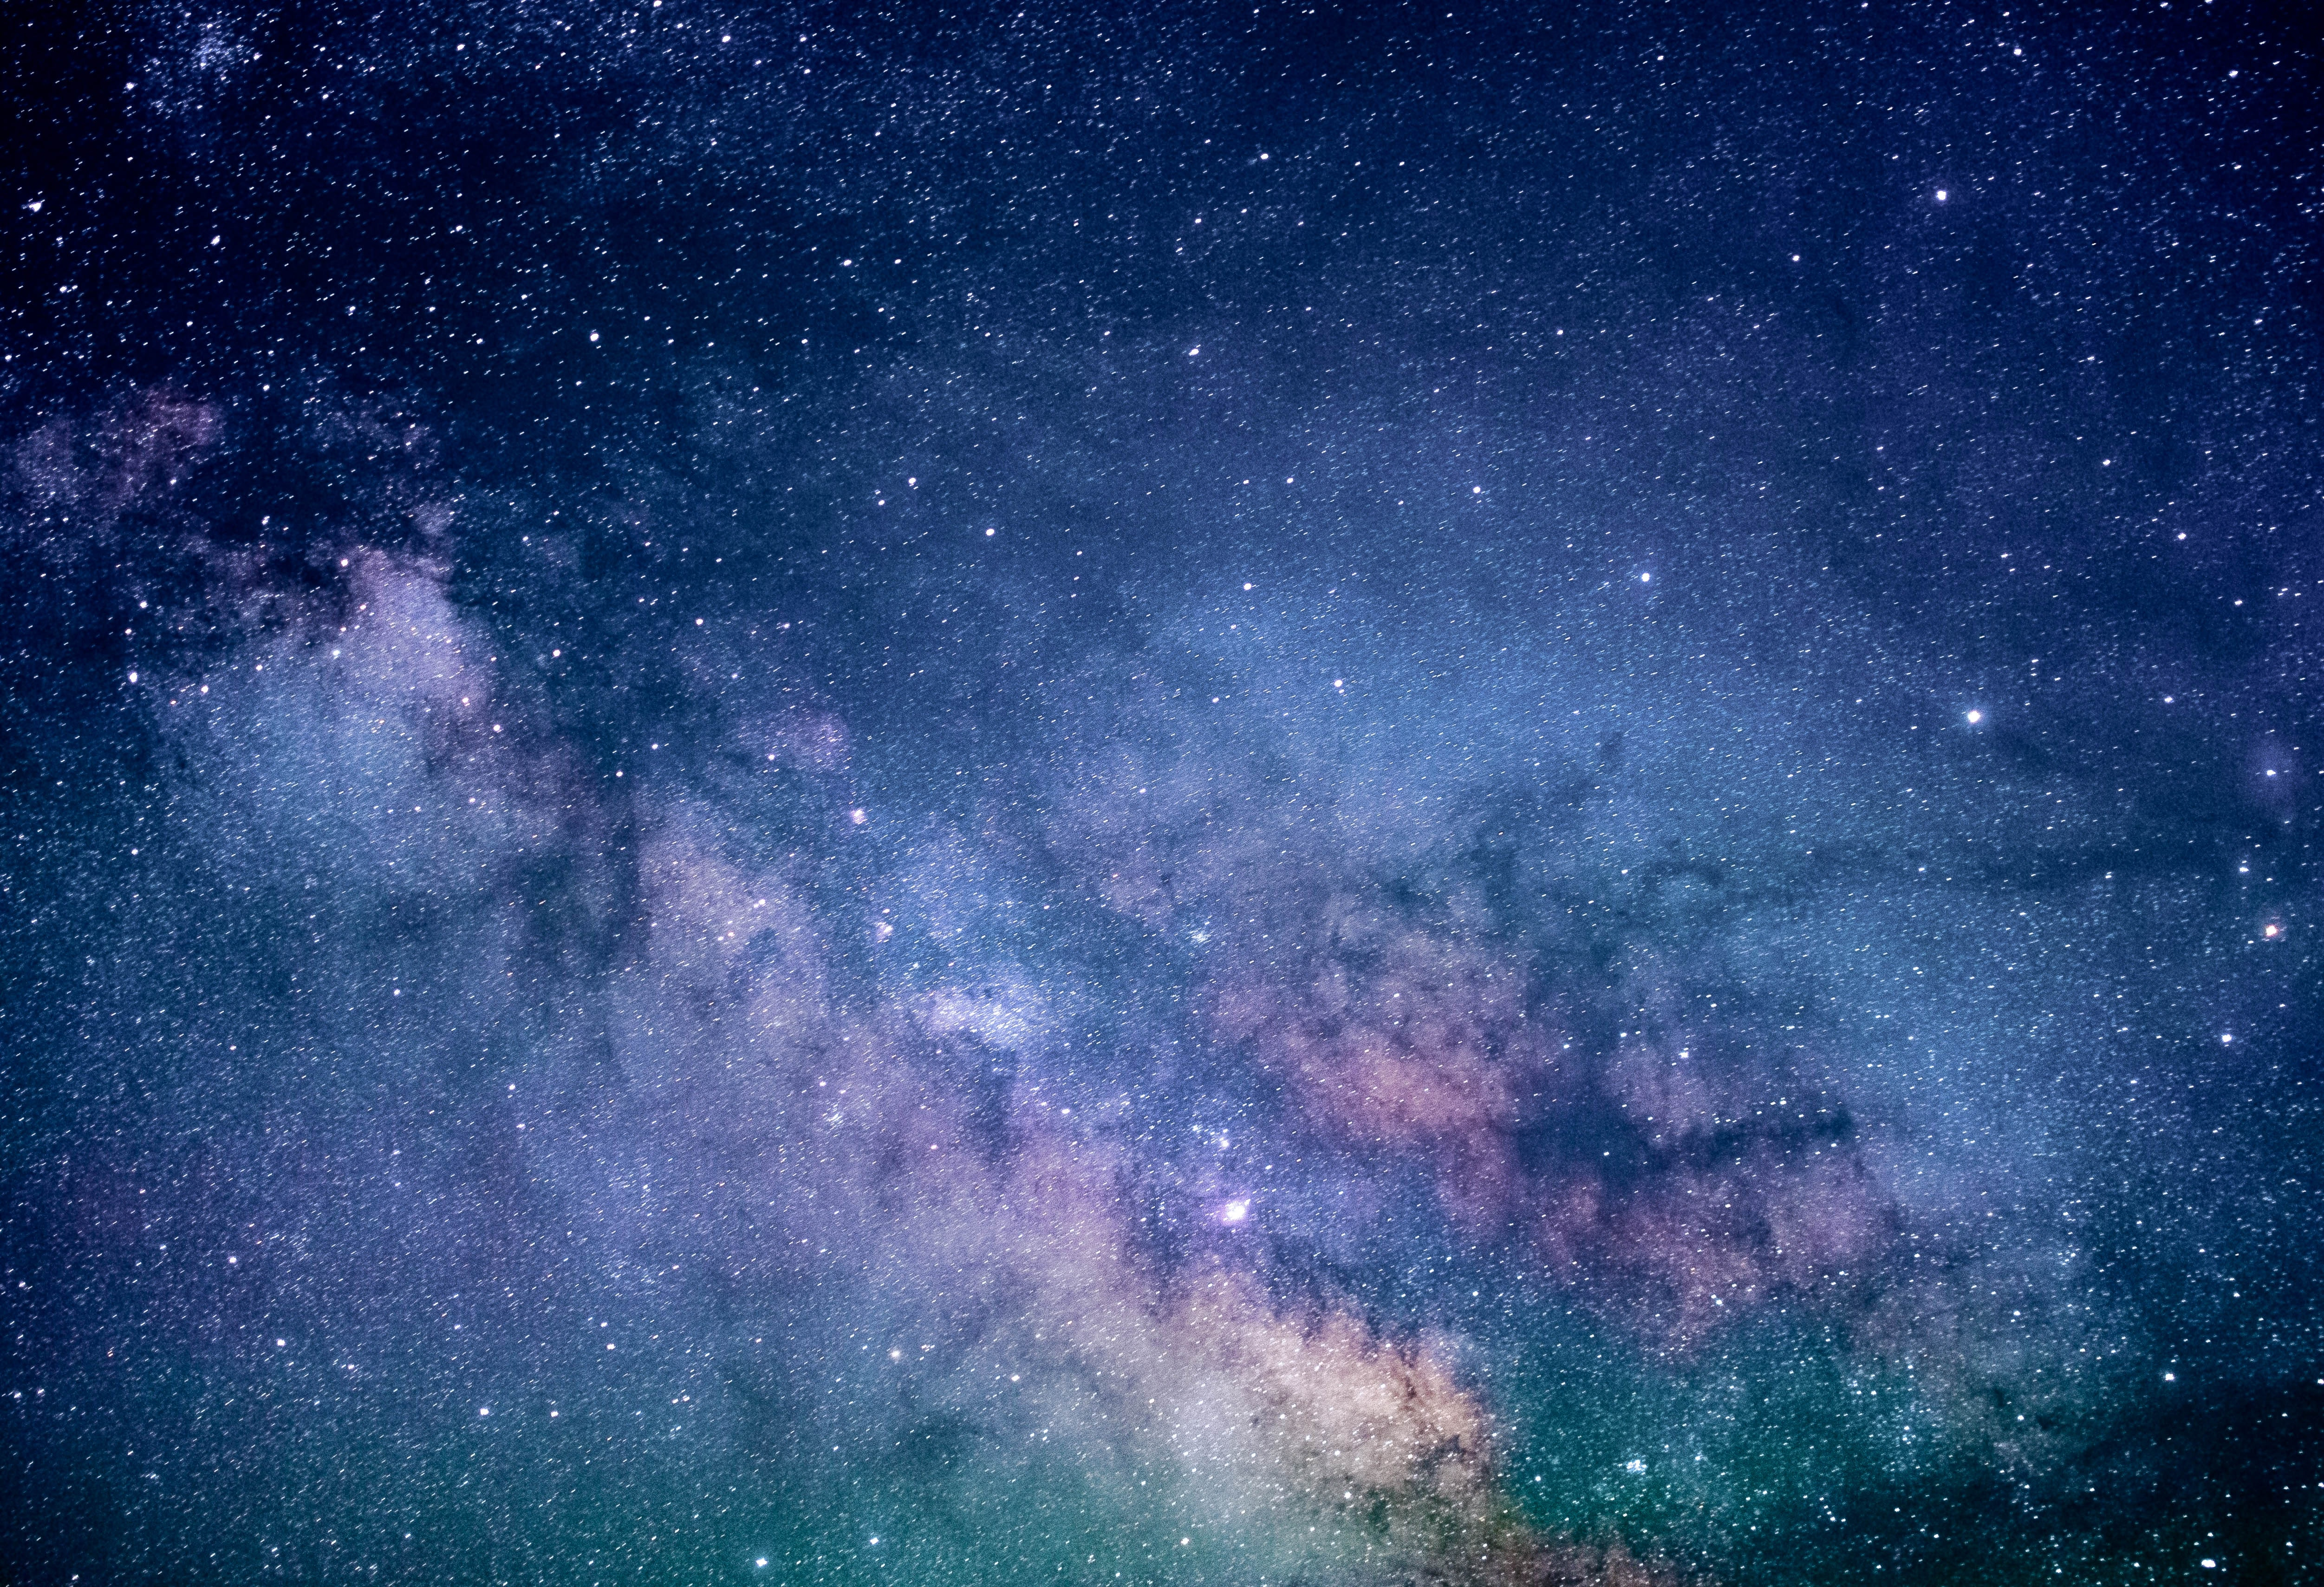 長野の星空を見に行こう!デートにも人気の絶景夜景スポットが沢山!